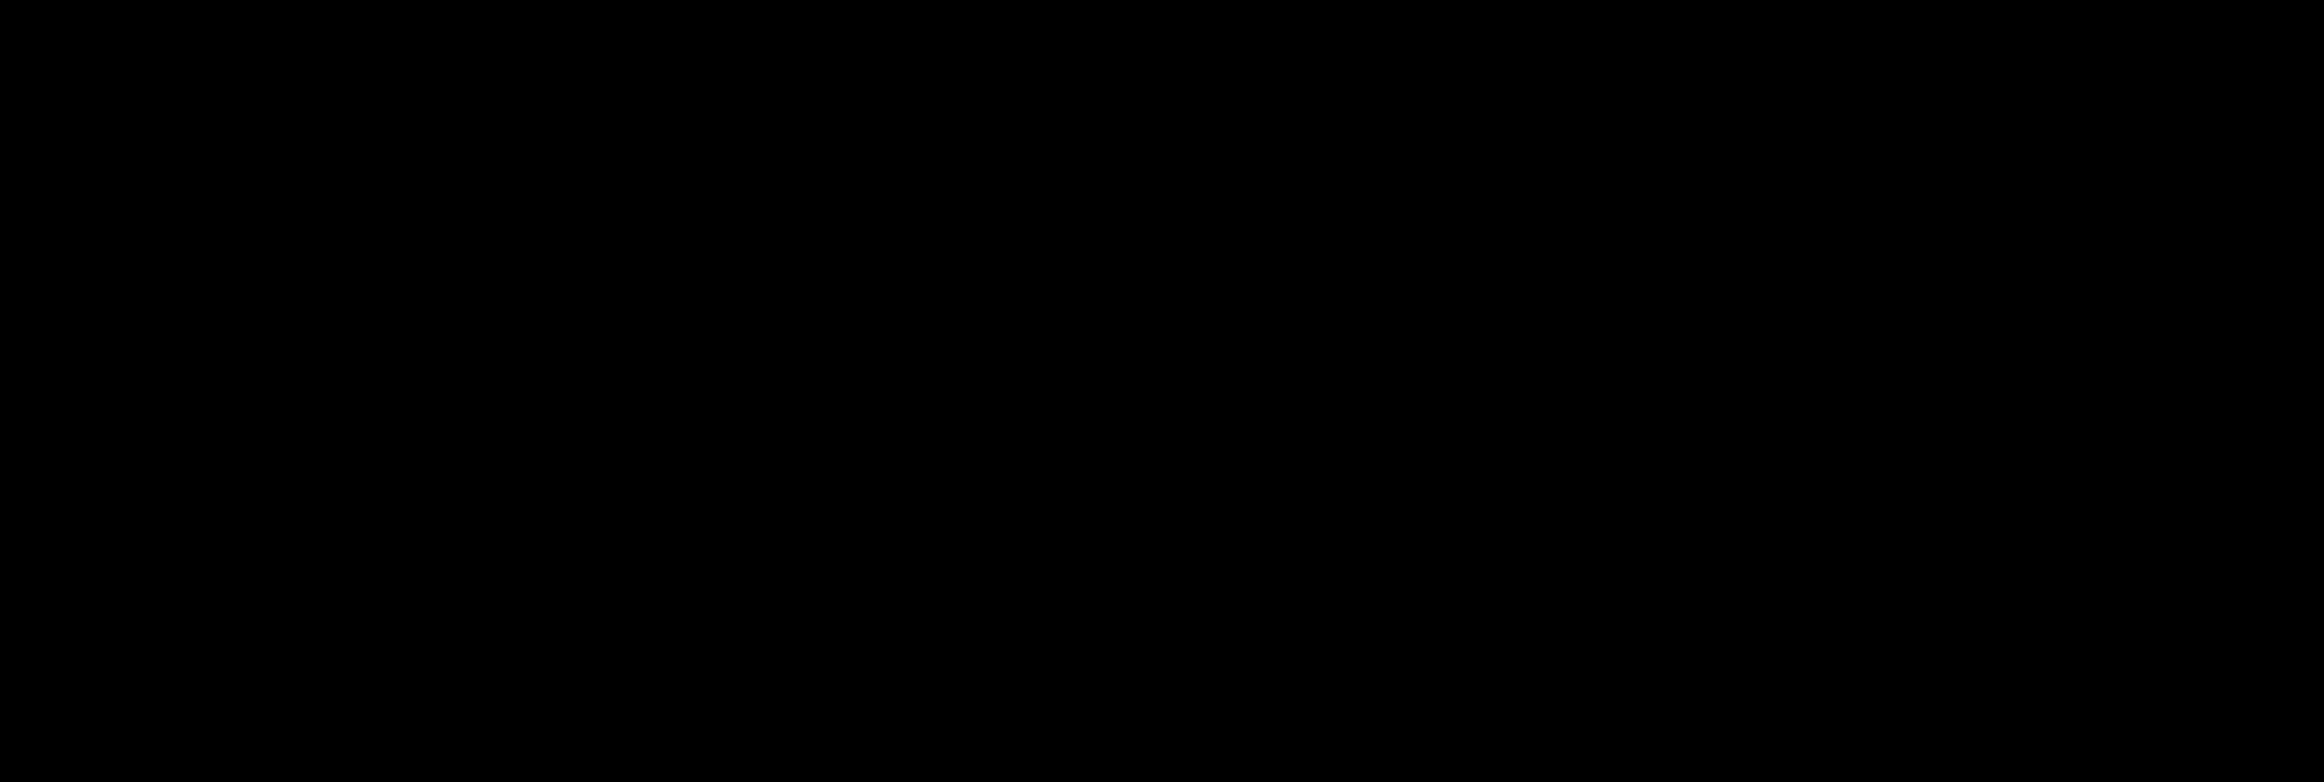 Biocytin-N-(t-boc)-L-proline